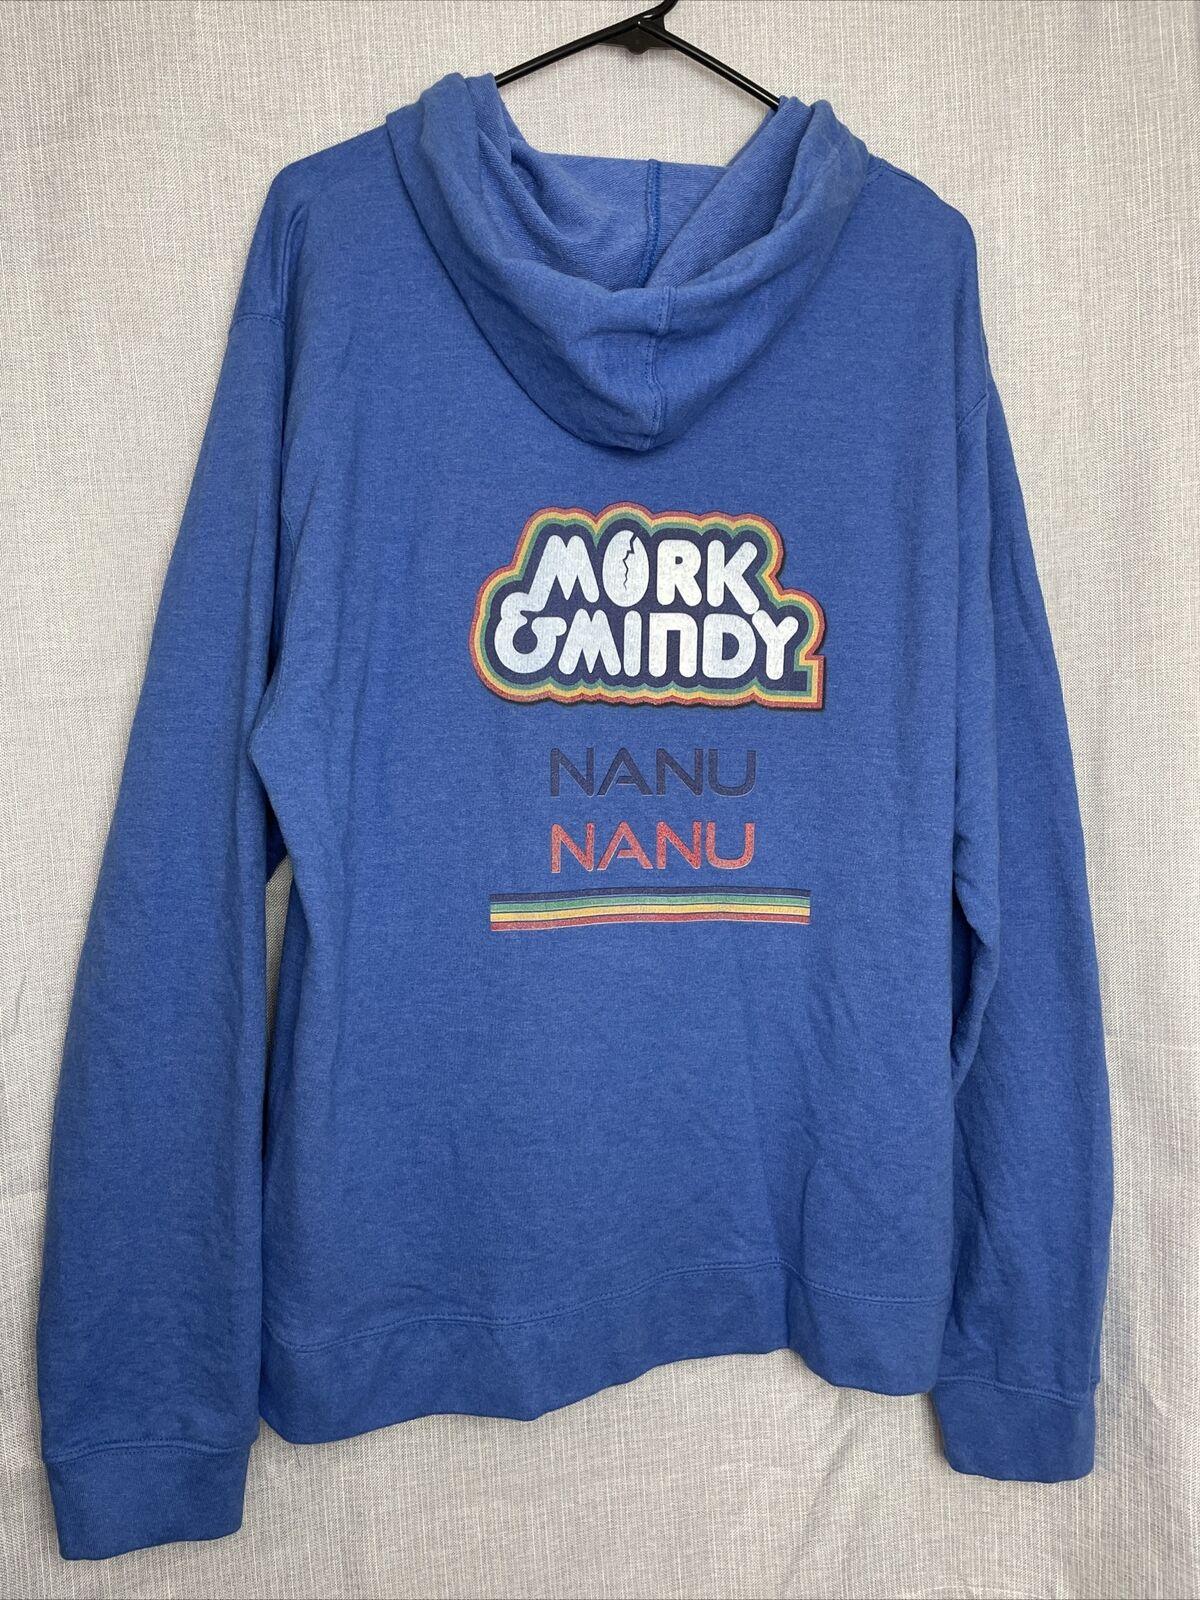 Mork And Mindy Nanu Nanu Blue Sweatshirt Size 2XL… - image 2